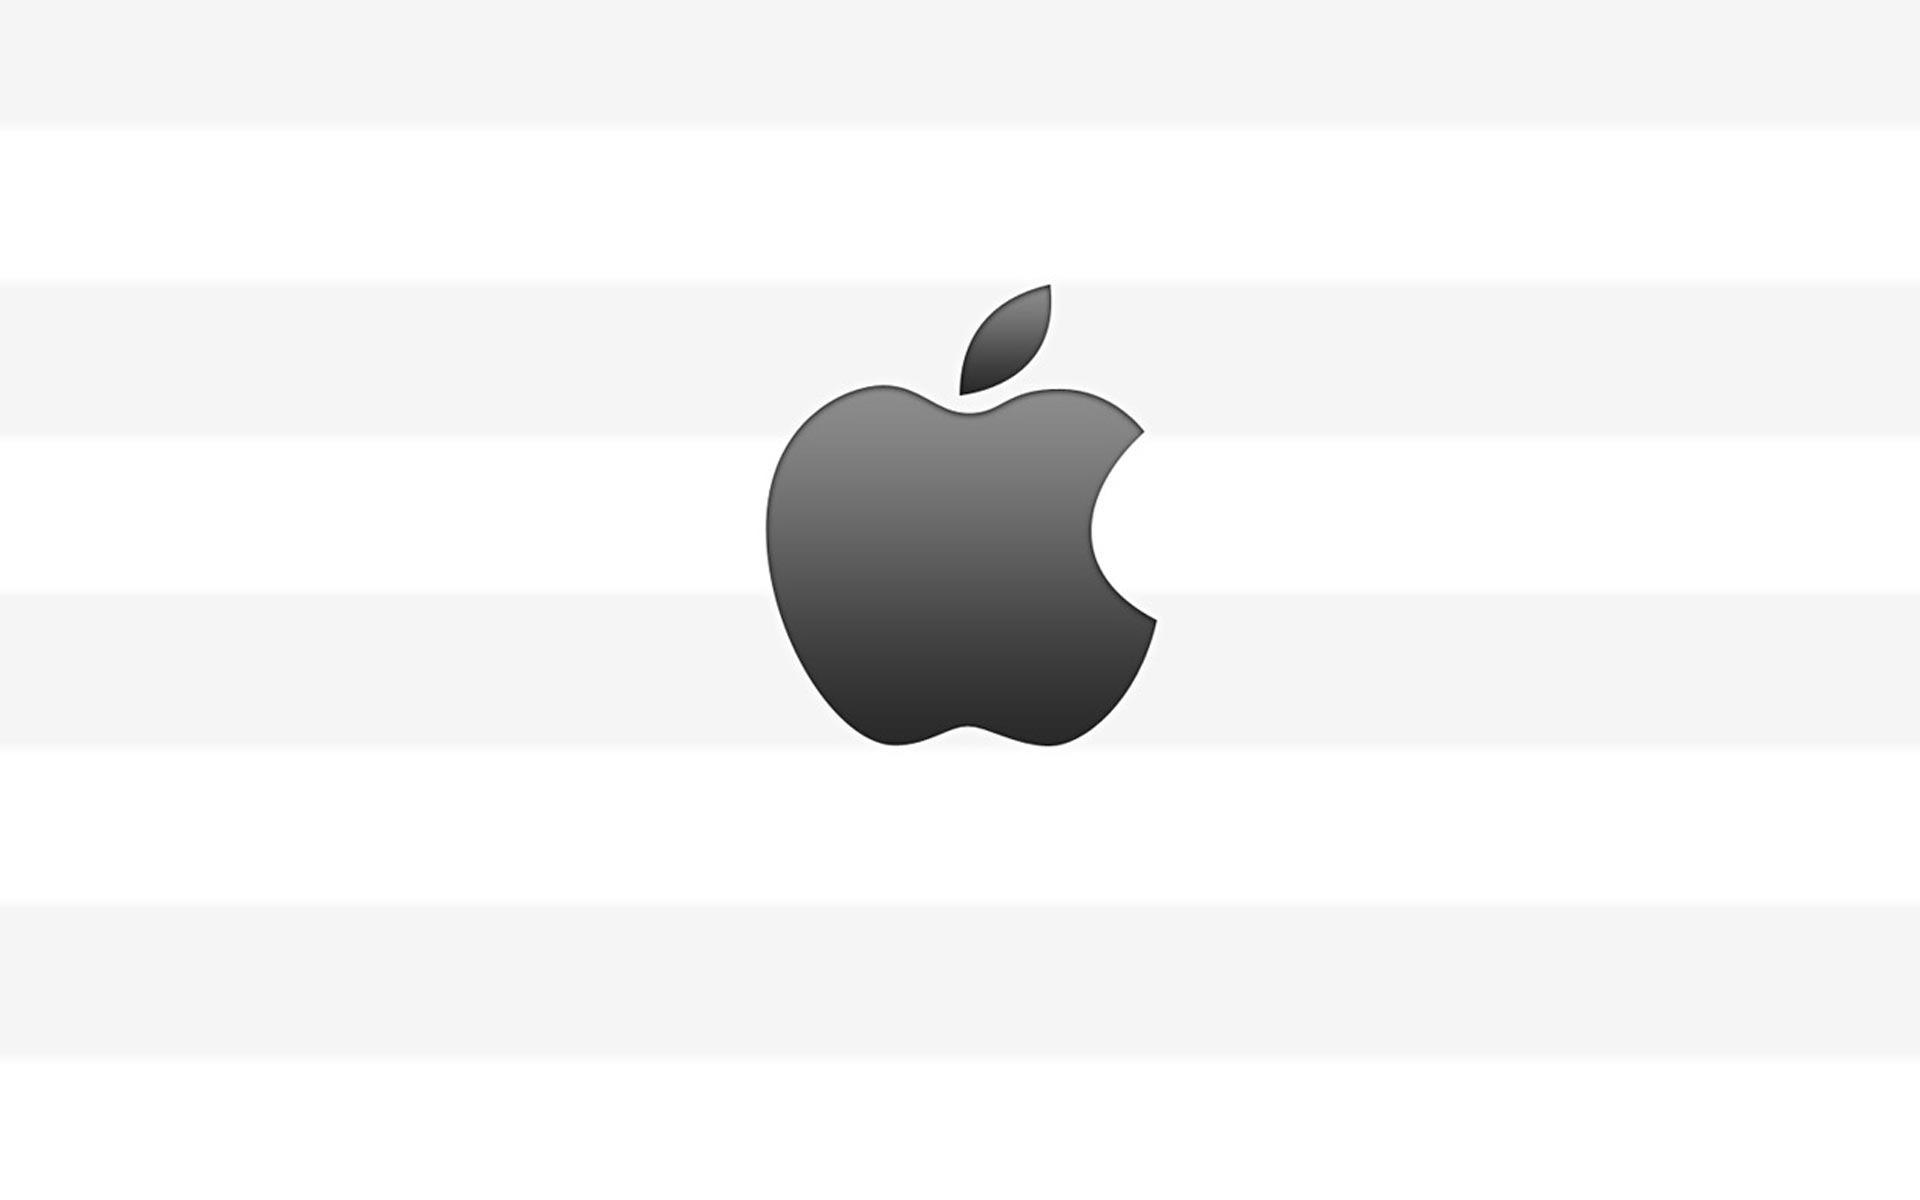 apple logo 27296 1920x1200 px ~ hdwallsource